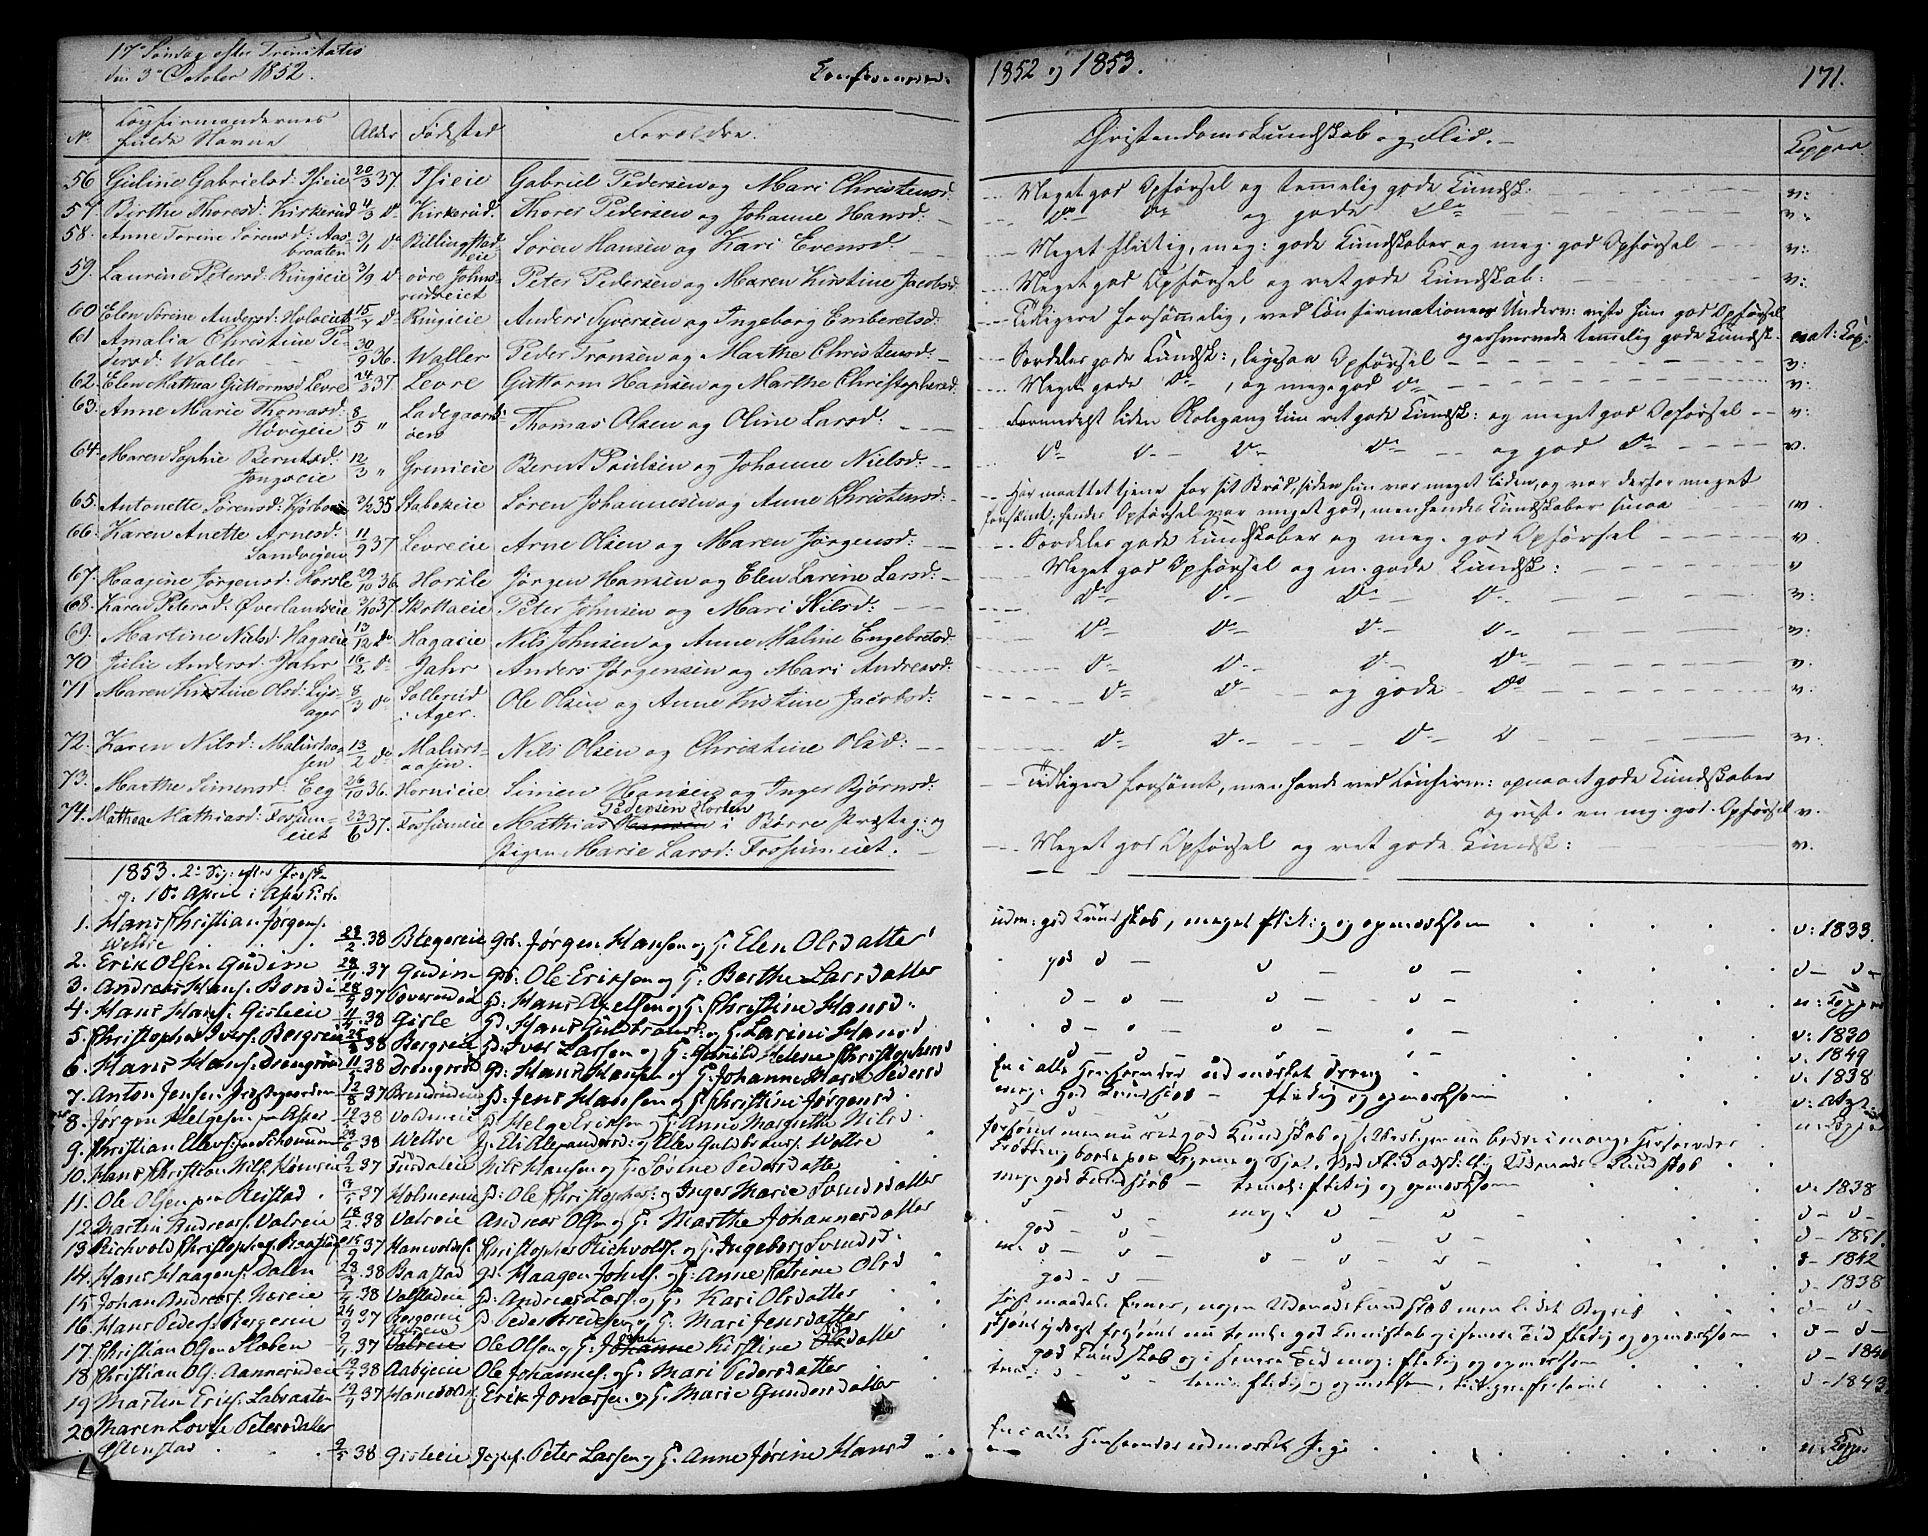 SAO, Asker prestekontor Kirkebøker, F/Fa/L0009: Ministerialbok nr. I 9, 1825-1878, s. 171